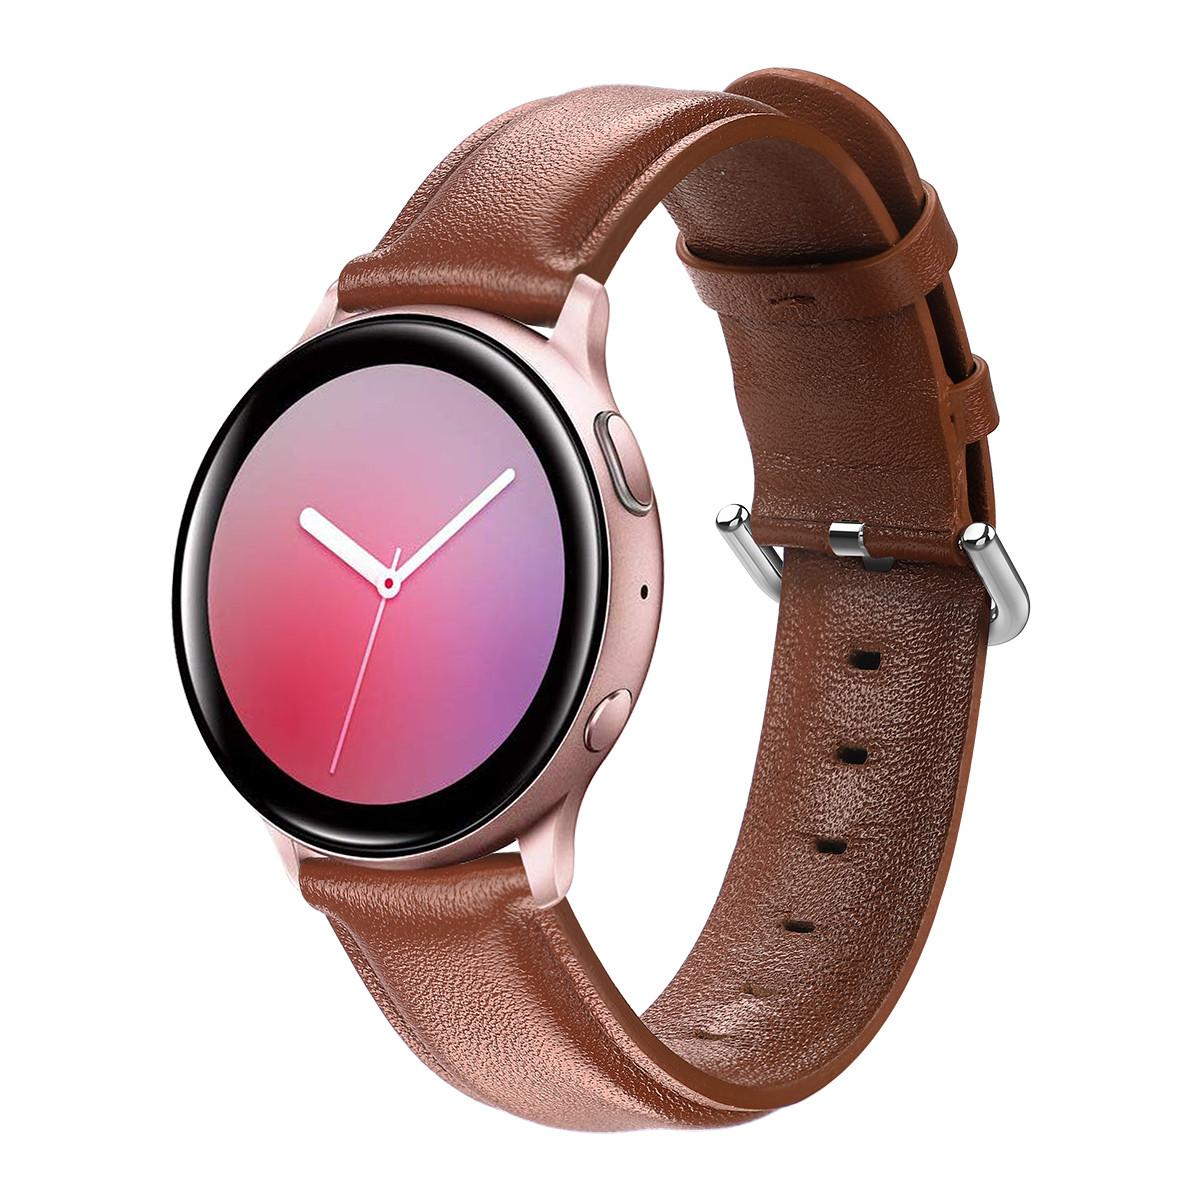 Ремешок BeWatch кожаный 20мм для Samsung Active   Active 2   Galaxy watch 42mm Коричневый L (1220106.L)